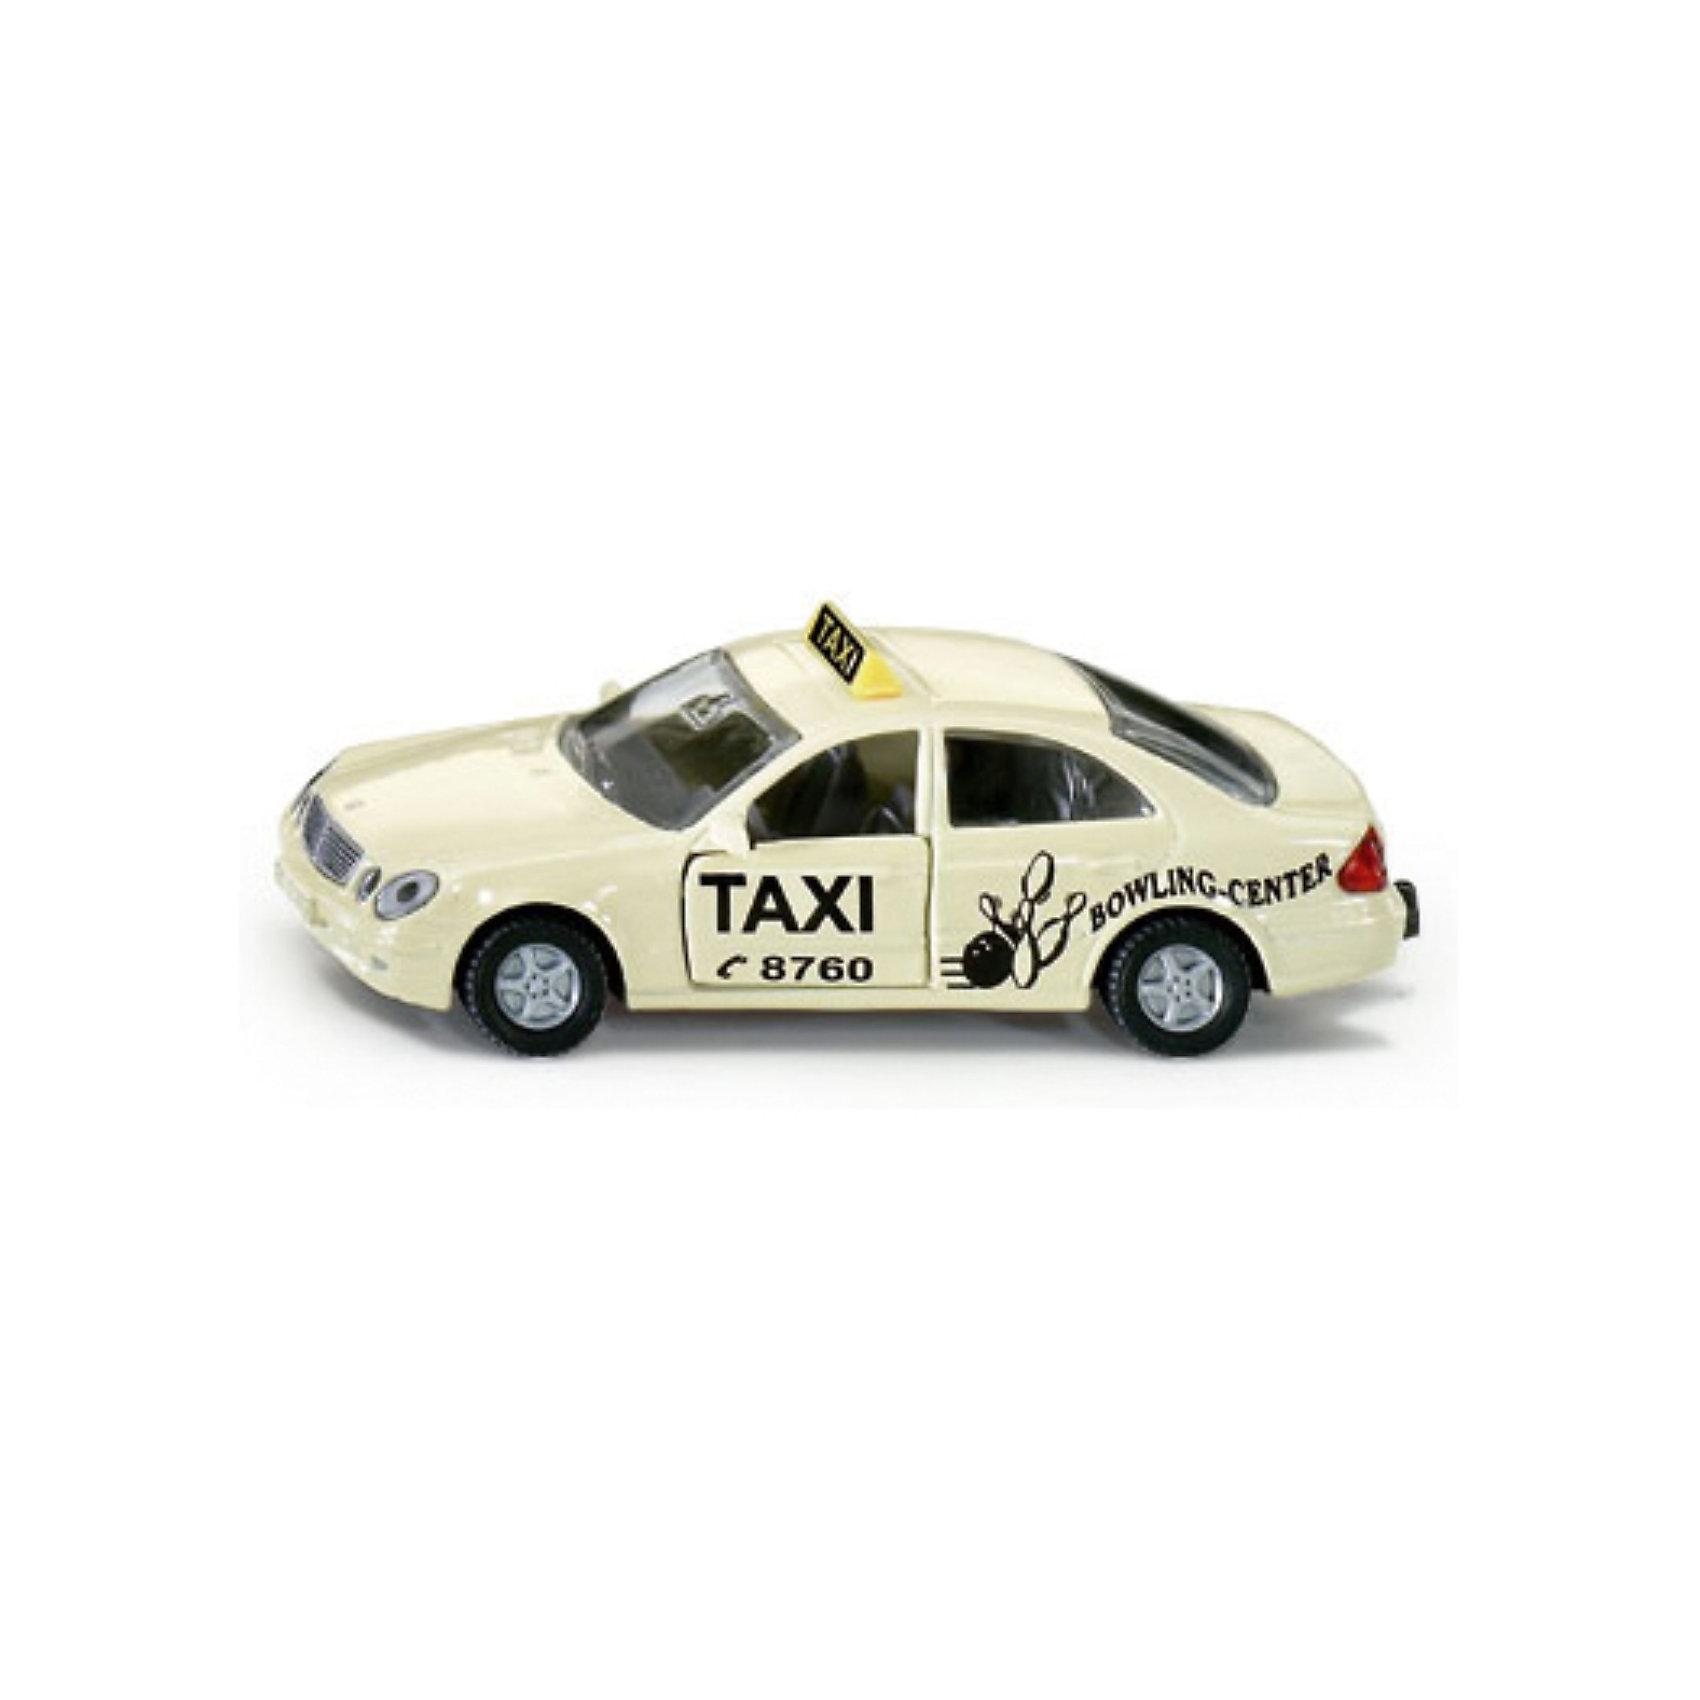 SIKU 1363 ТаксиМашинки<br>Такси 1363, Siku, станет замечательным подарком для автолюбителей всех возрастов. Модель представляет из себя реалистичную копию автомобиля такси марки Мерседес-Бенц и отличается высокой степенью детализации и тщательной проработкой всех элементов. Машина оснащена прозрачными лобовыми стеклами, в салоне можно увидеть сиденья и руль, передние двери открываются, подвижные колеса вращаются. Корпус модели выполнен из металла, детали изготовлены из ударопрочной пластмассы.<br><br>Дополнительная информация:<br><br>- Материал: металл, пластик.<br>- Масштаб: 1:55.<br>- Размер: 9,8 x 3,8 x 7,8 см.<br>- Вес: 100 гр.<br><br> 1363 Такси, Siku, можно купить в нашем интернет-магазине.<br><br>Ширина мм: 98<br>Глубина мм: 81<br>Высота мм: 40<br>Вес г: 62<br>Возраст от месяцев: 36<br>Возраст до месяцев: 96<br>Пол: Мужской<br>Возраст: Детский<br>SKU: 1439852